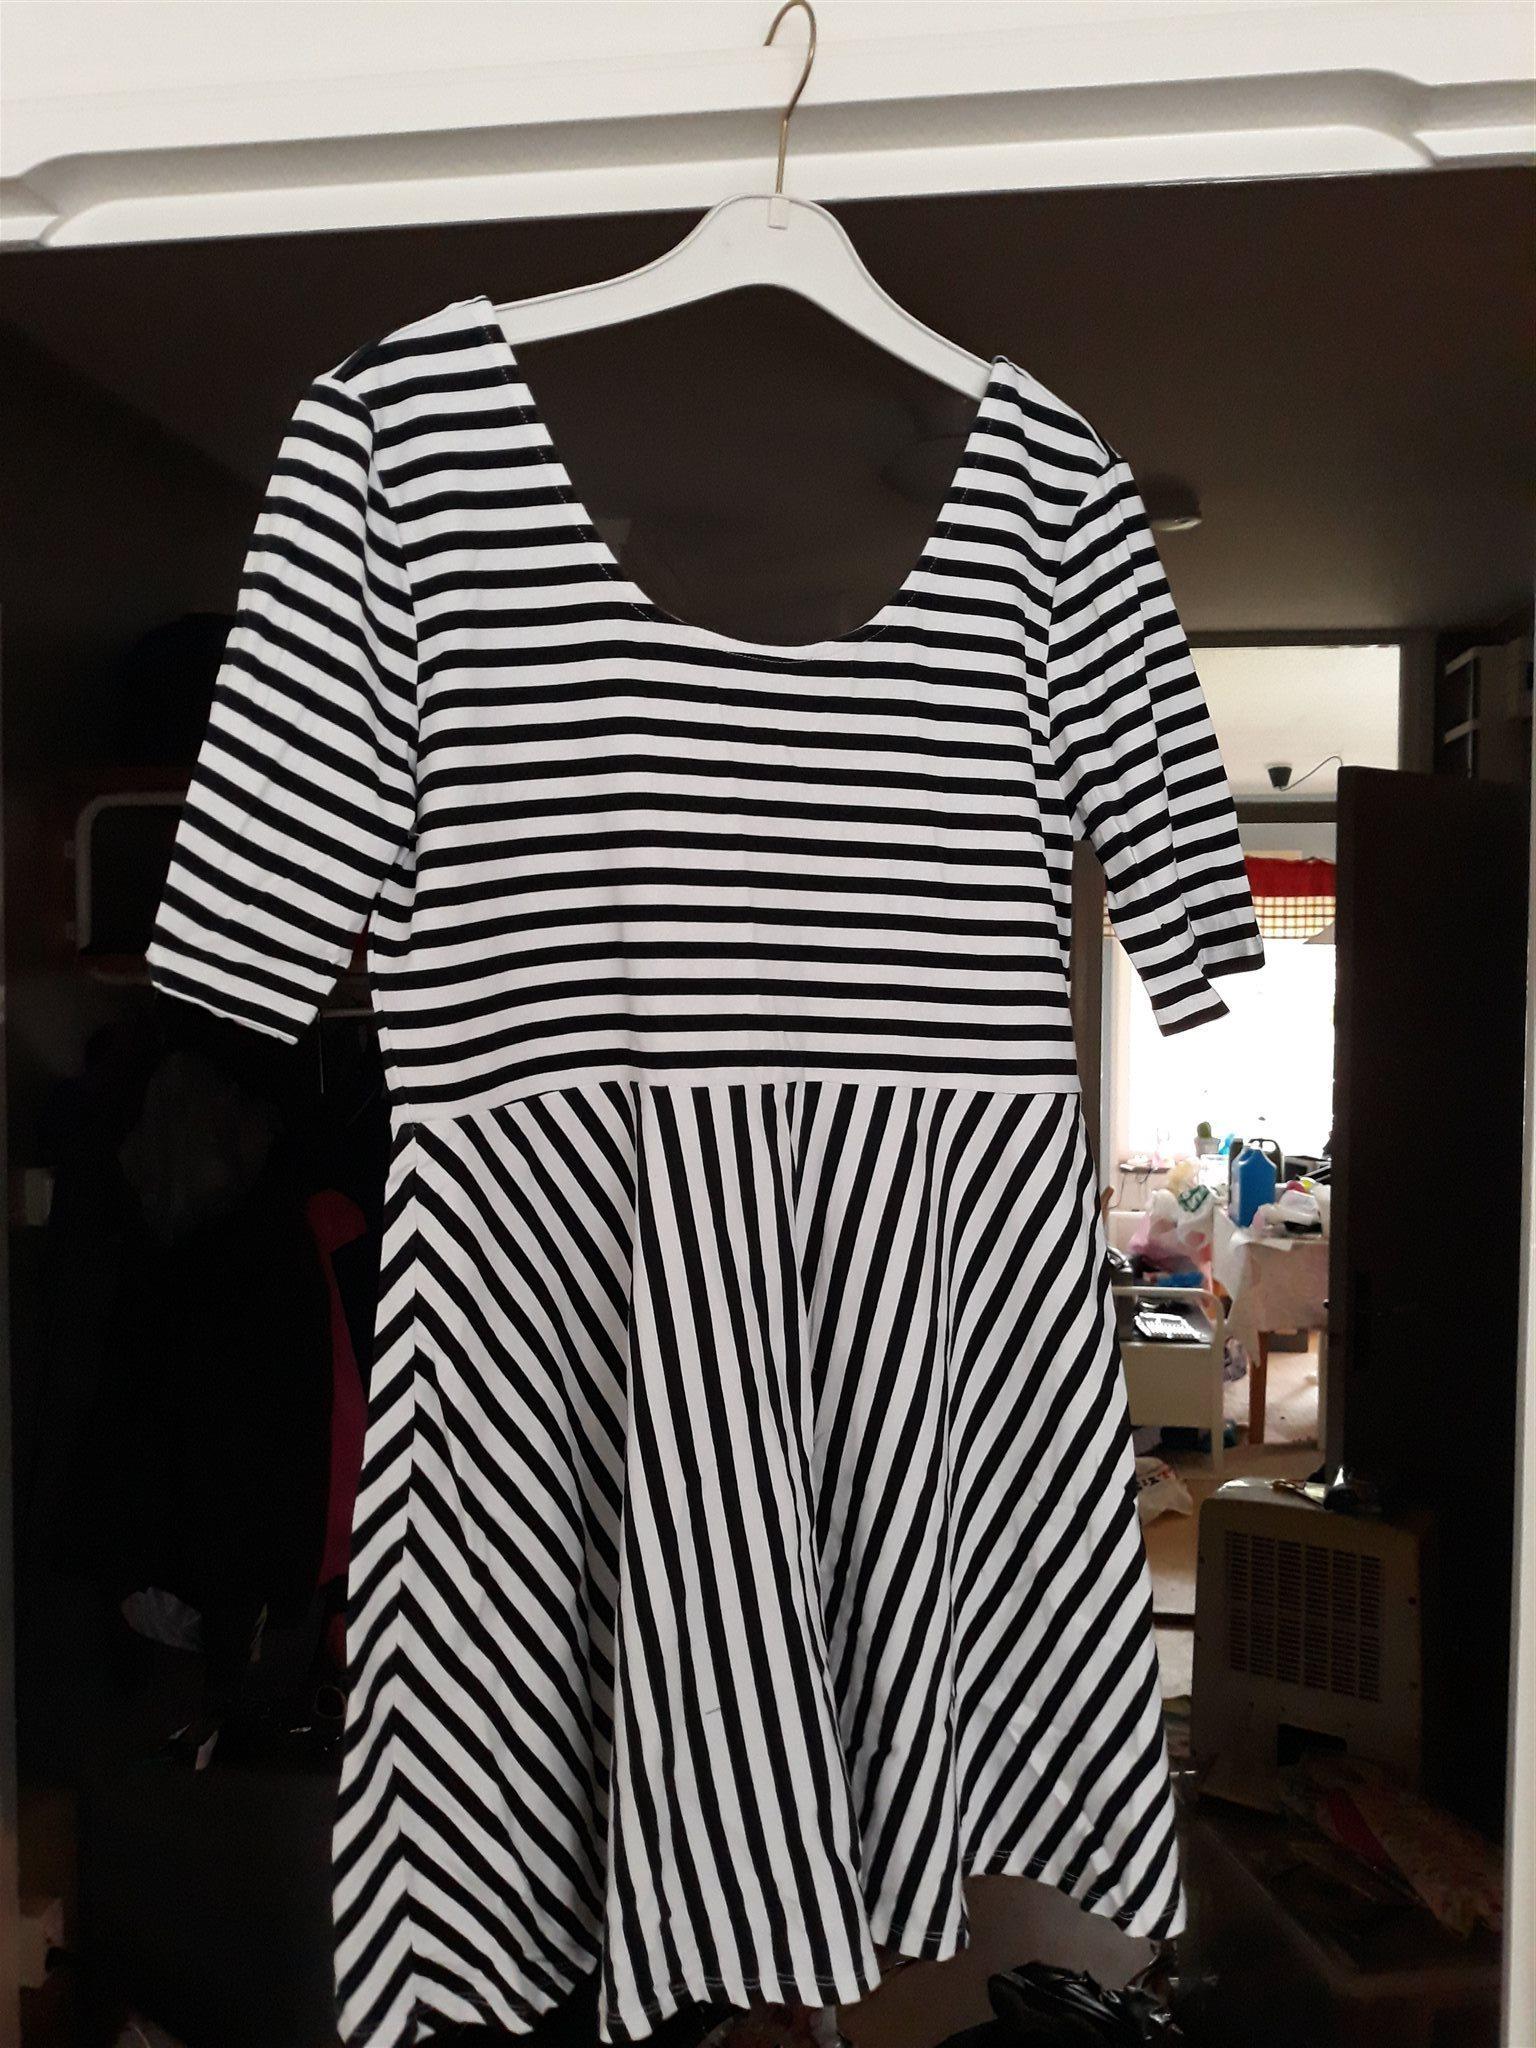 Randig klänning (338270708) ᐈ Köp på Tradera c77e7b1f9a08e